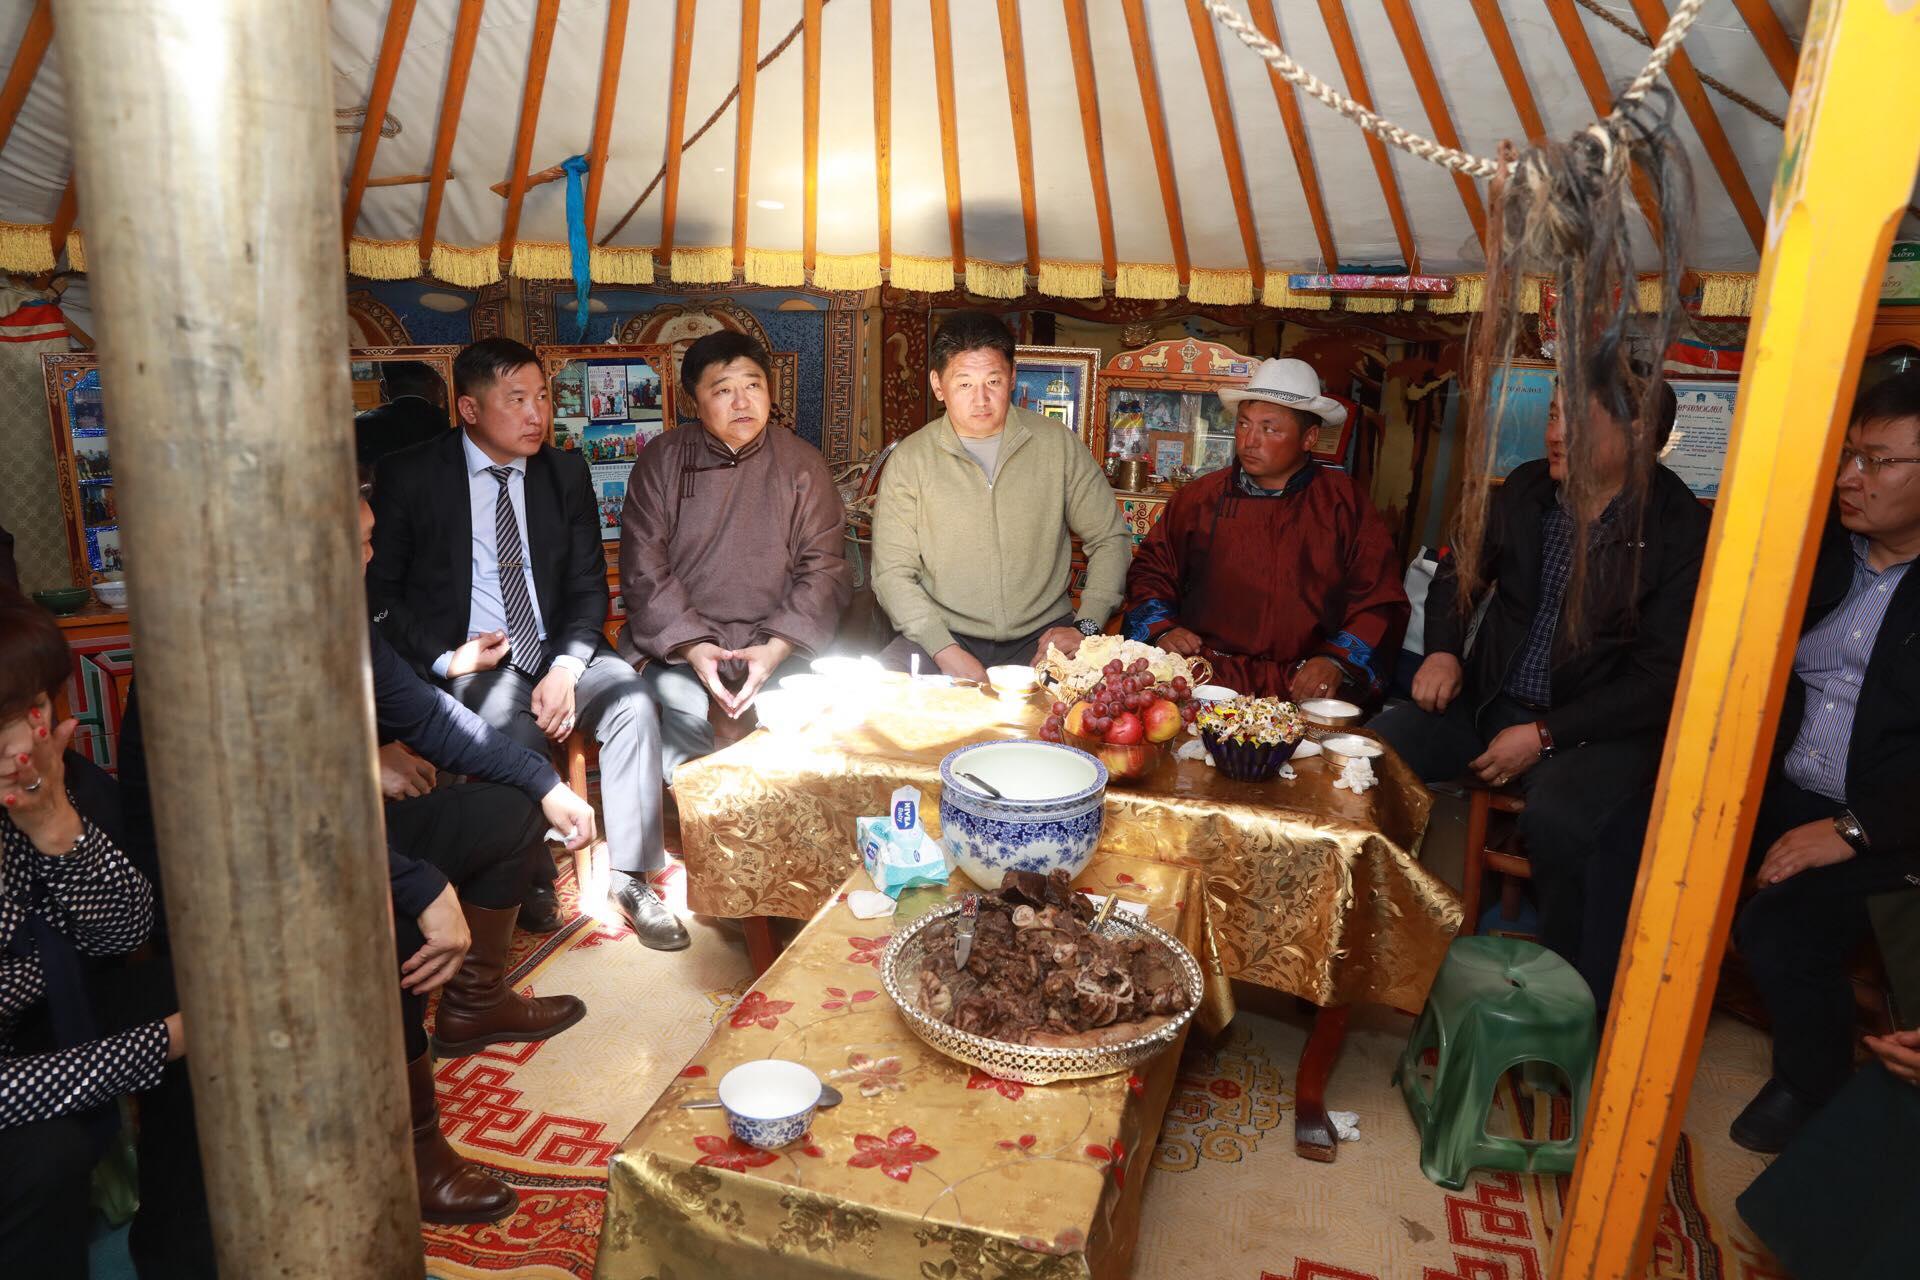 Ерөнхий сайд Өвөрхангай аймгийн Бүрд сумын малчин М.Ганзоригийнд зочлов